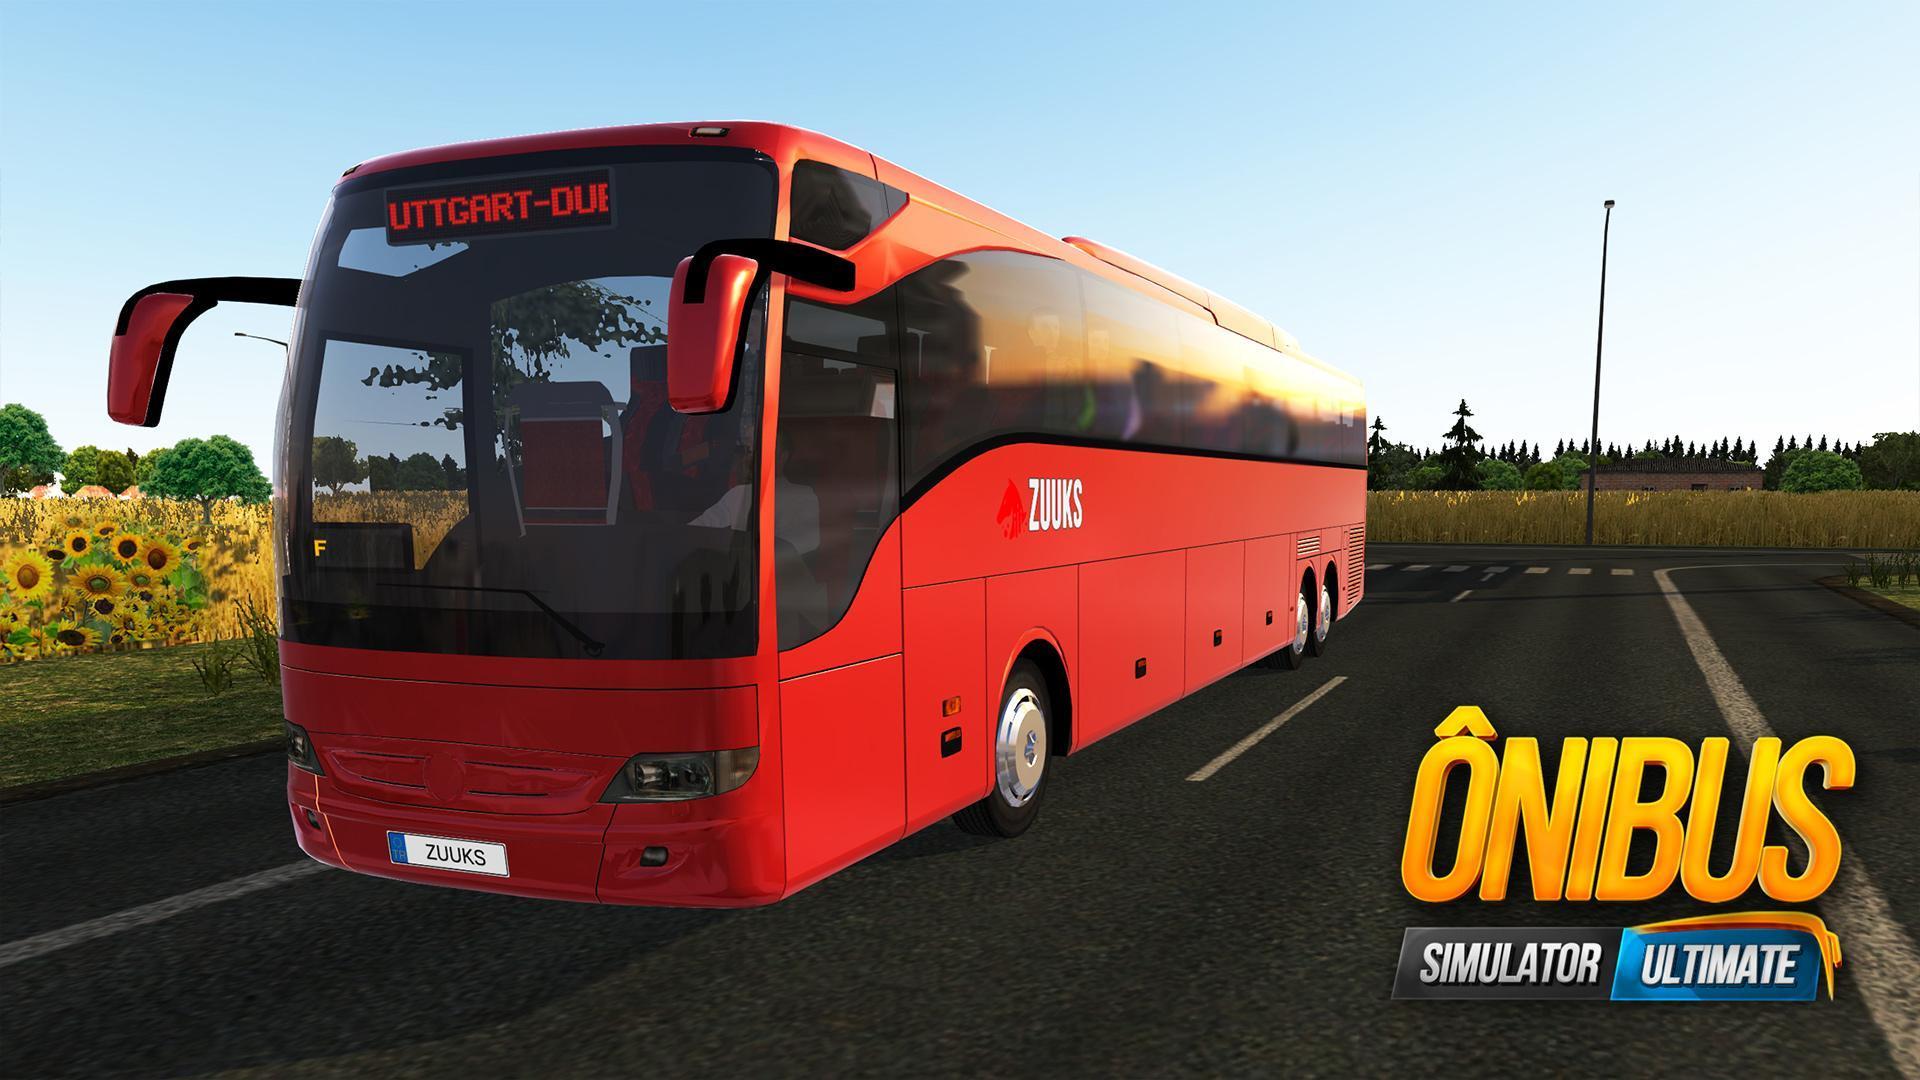 Bus Simulator: Ultimate recebe nova atualização, confira as novidades!